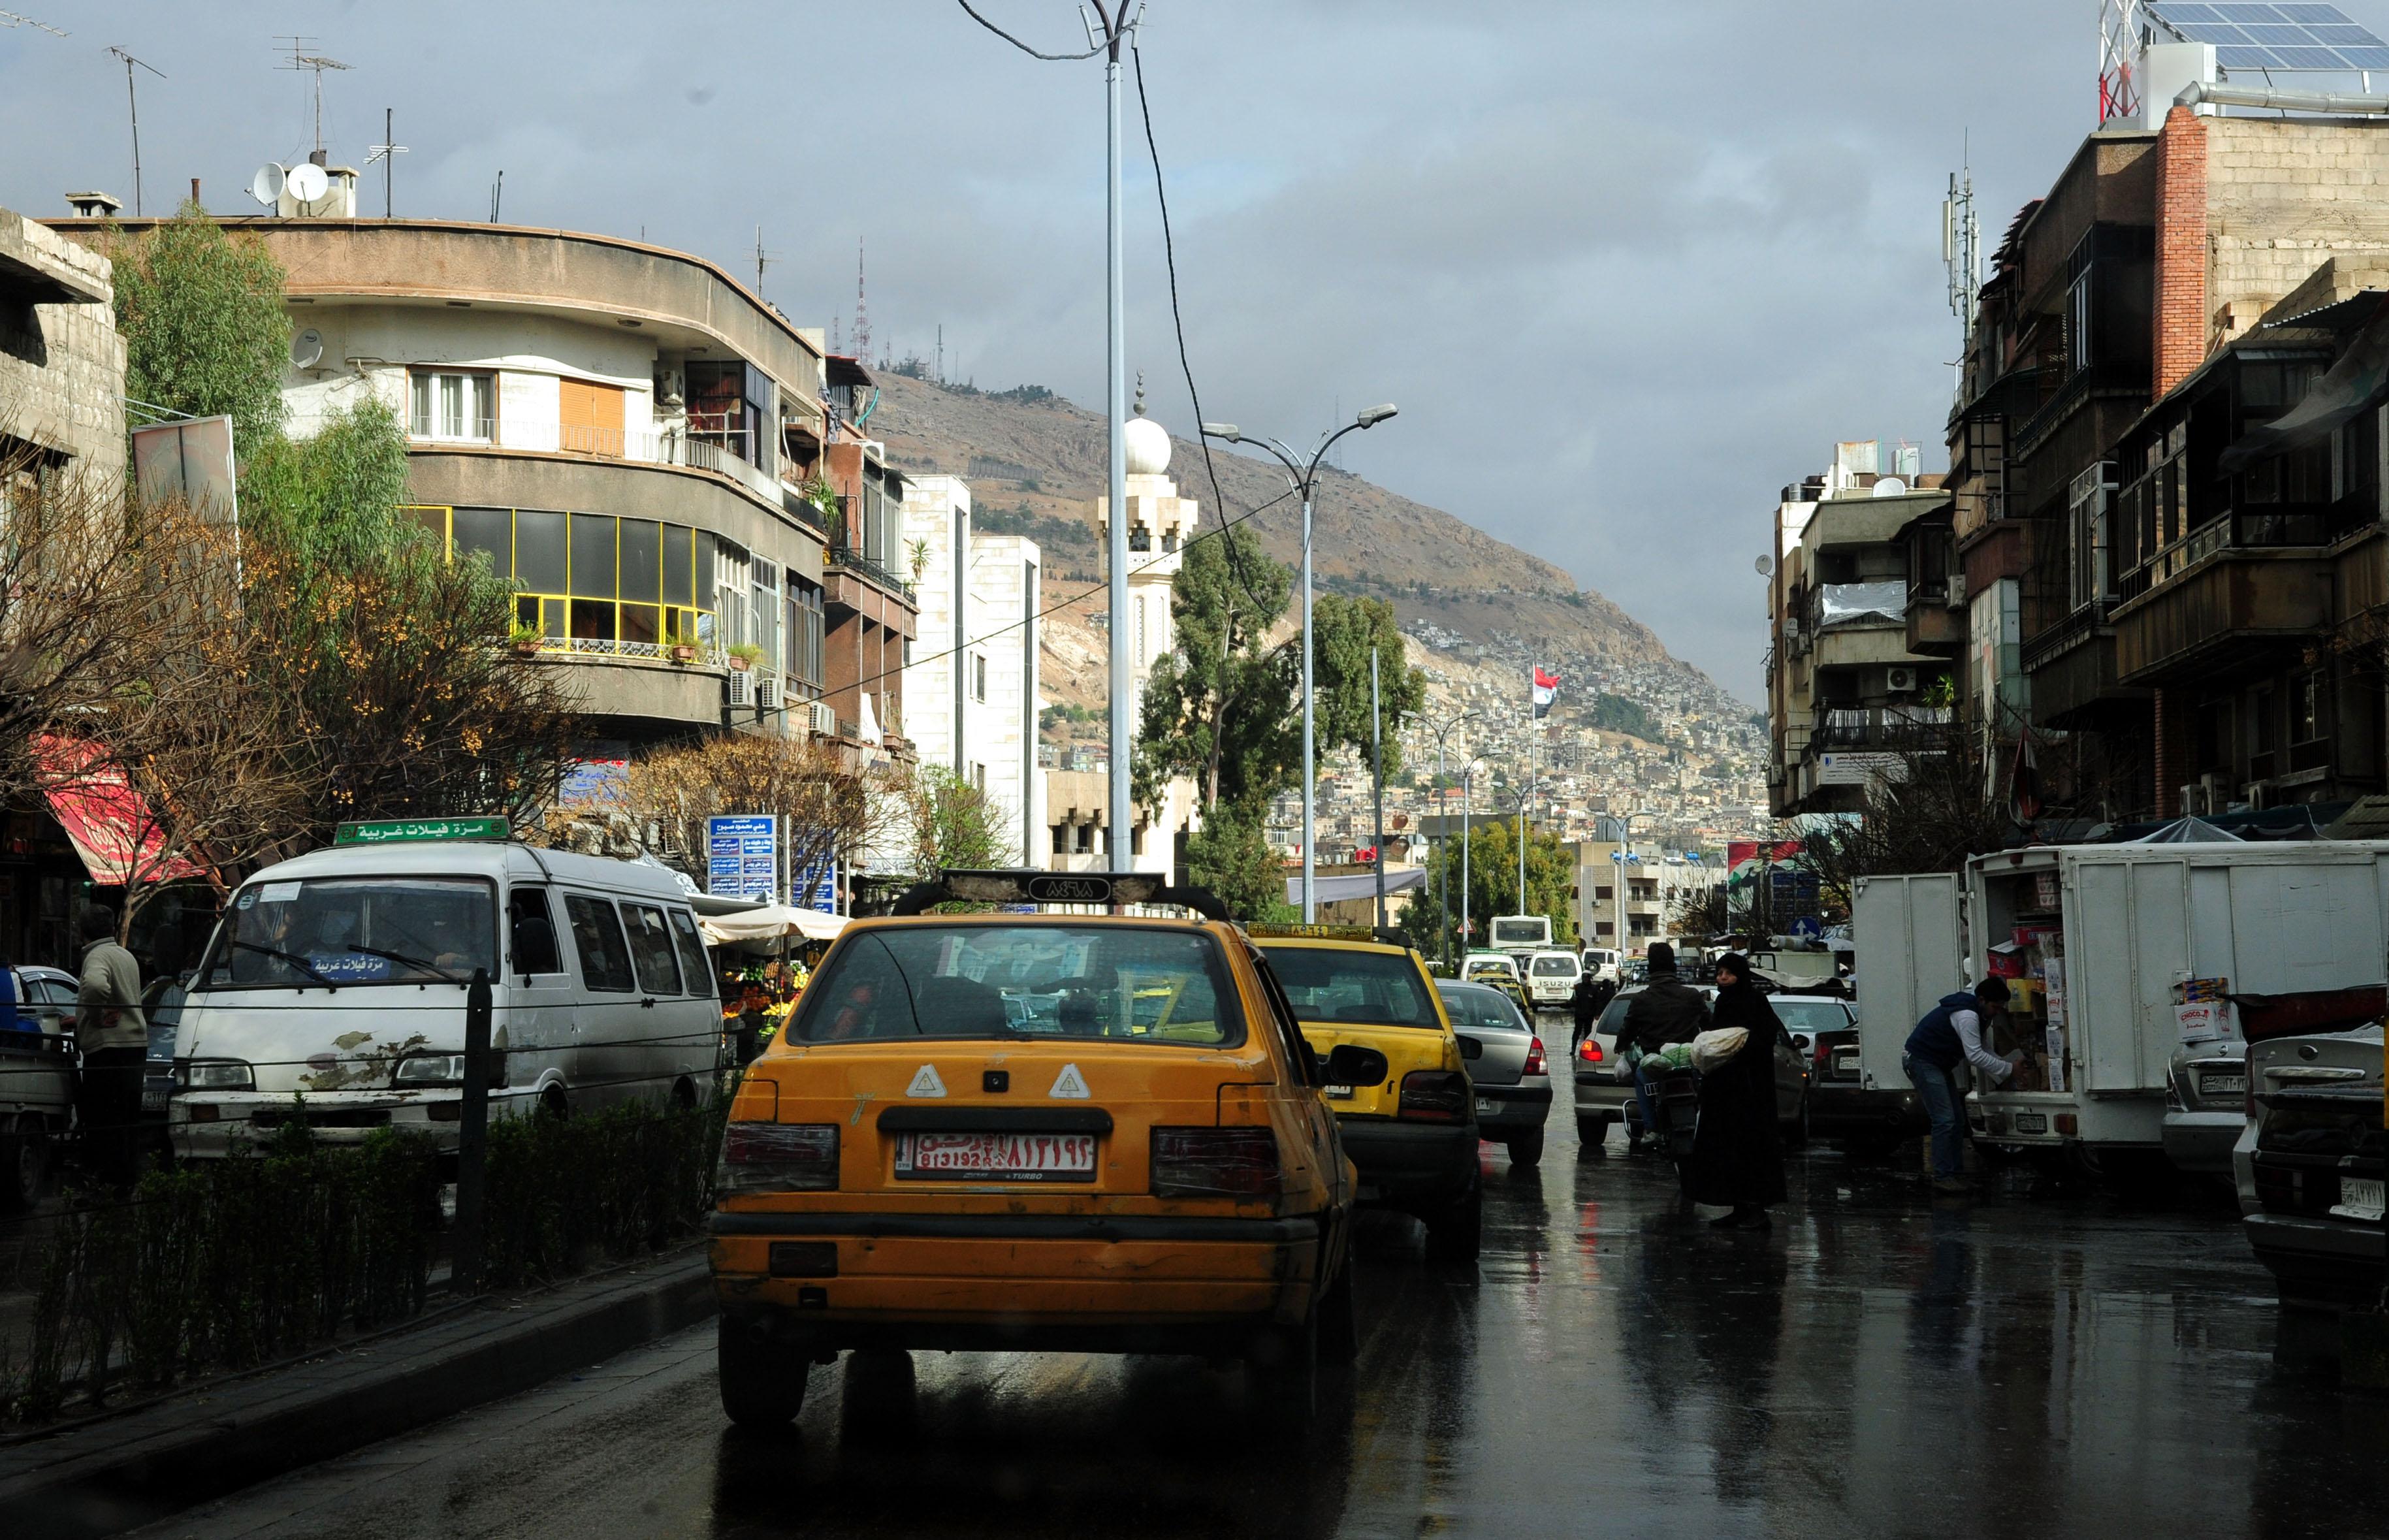 صورة السادة في محافظة دمشق.. ألم يعد هناك أي احترام للمواطن؟